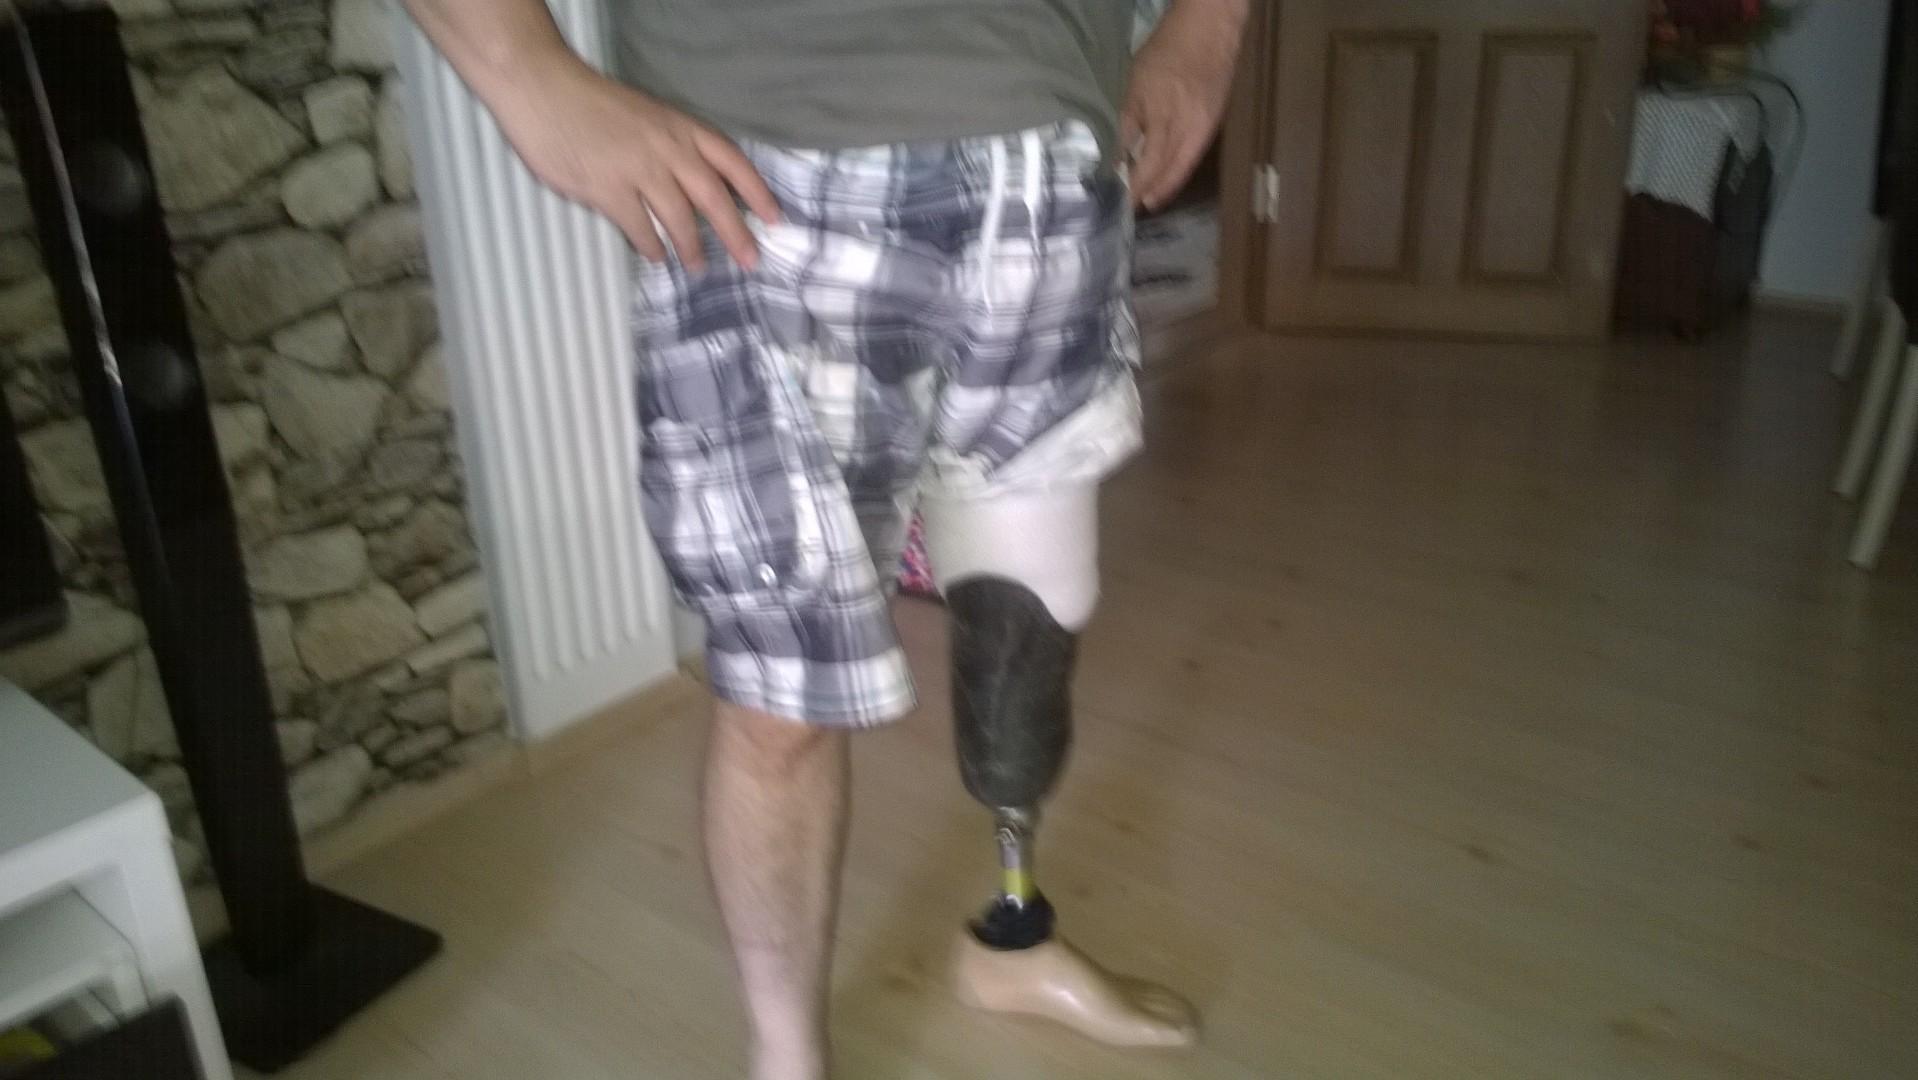 DR7OLv - Kendi protezimizi kendimiz yapabilir miyiz sorusunun cevabını arıyorum..?